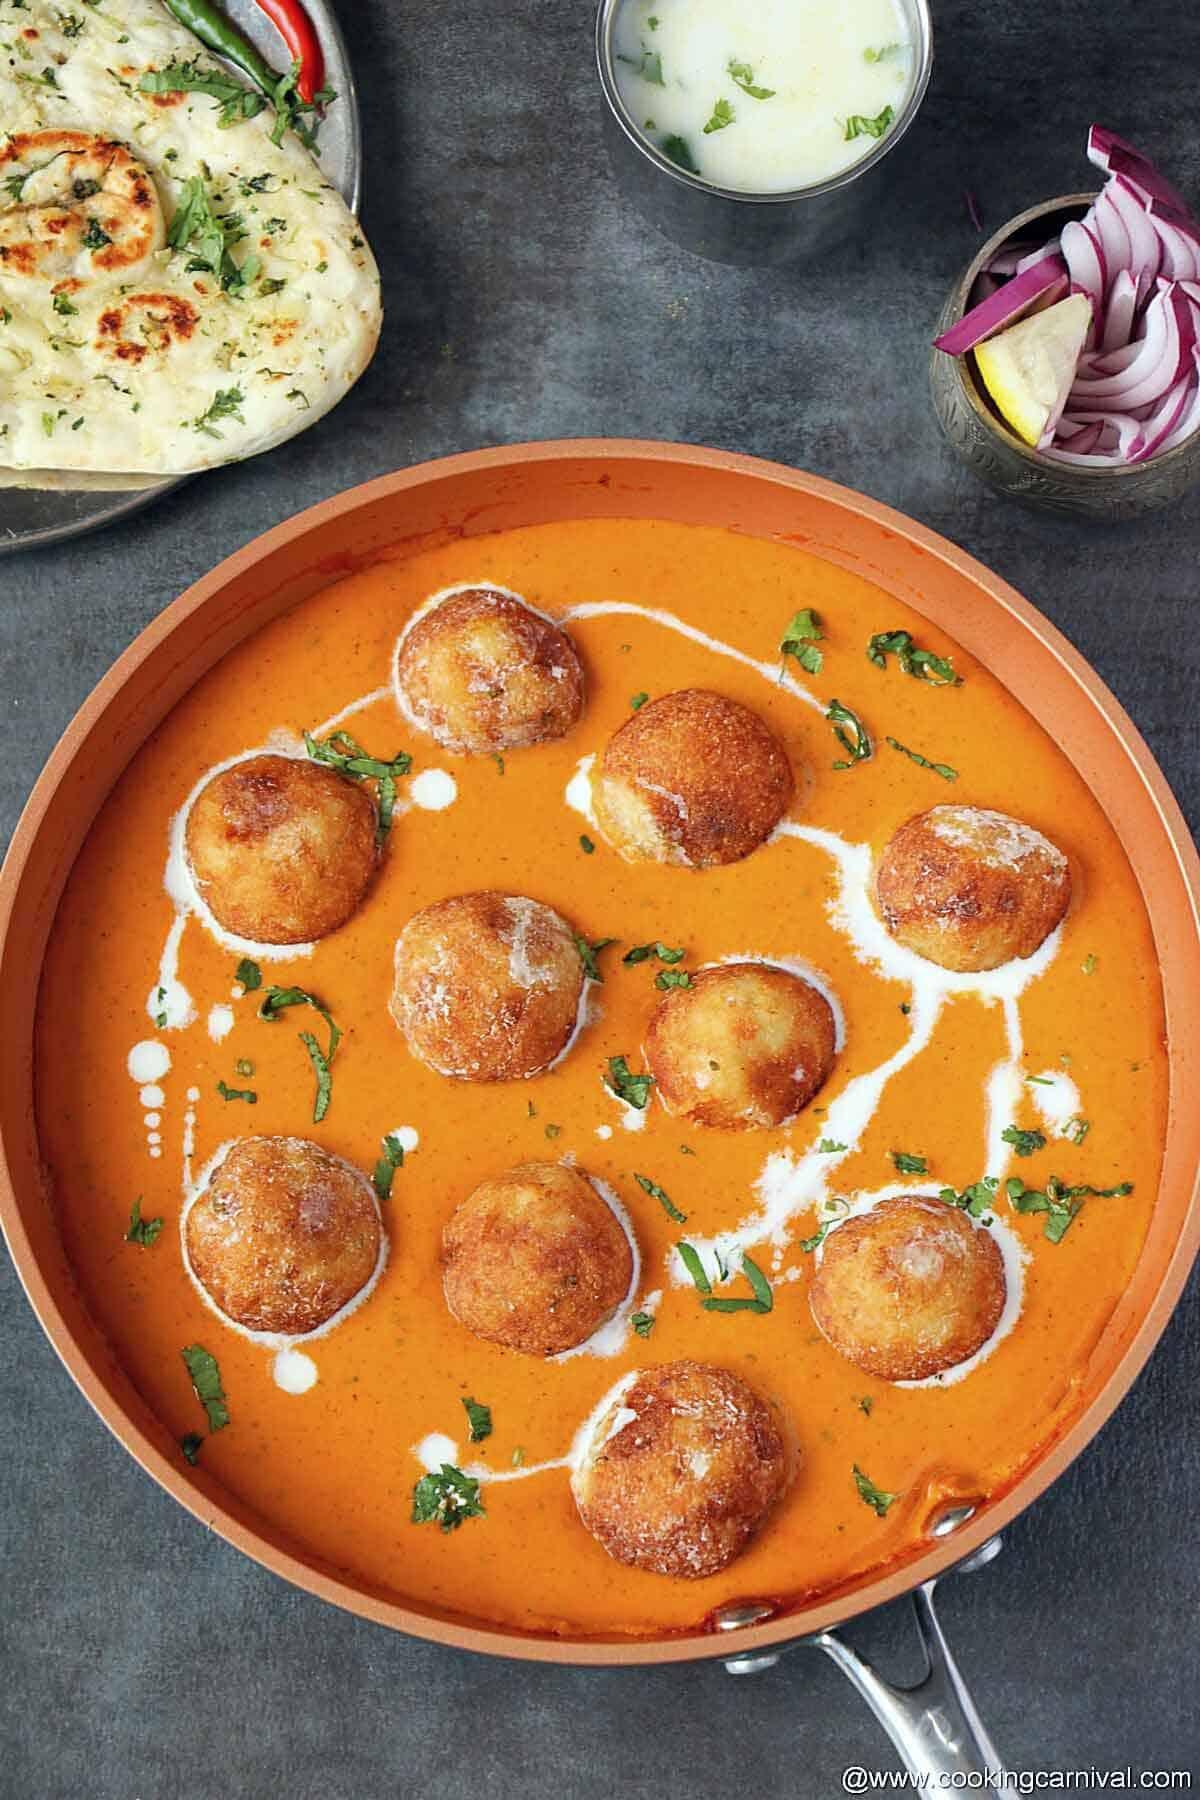 malai kofta in a pan